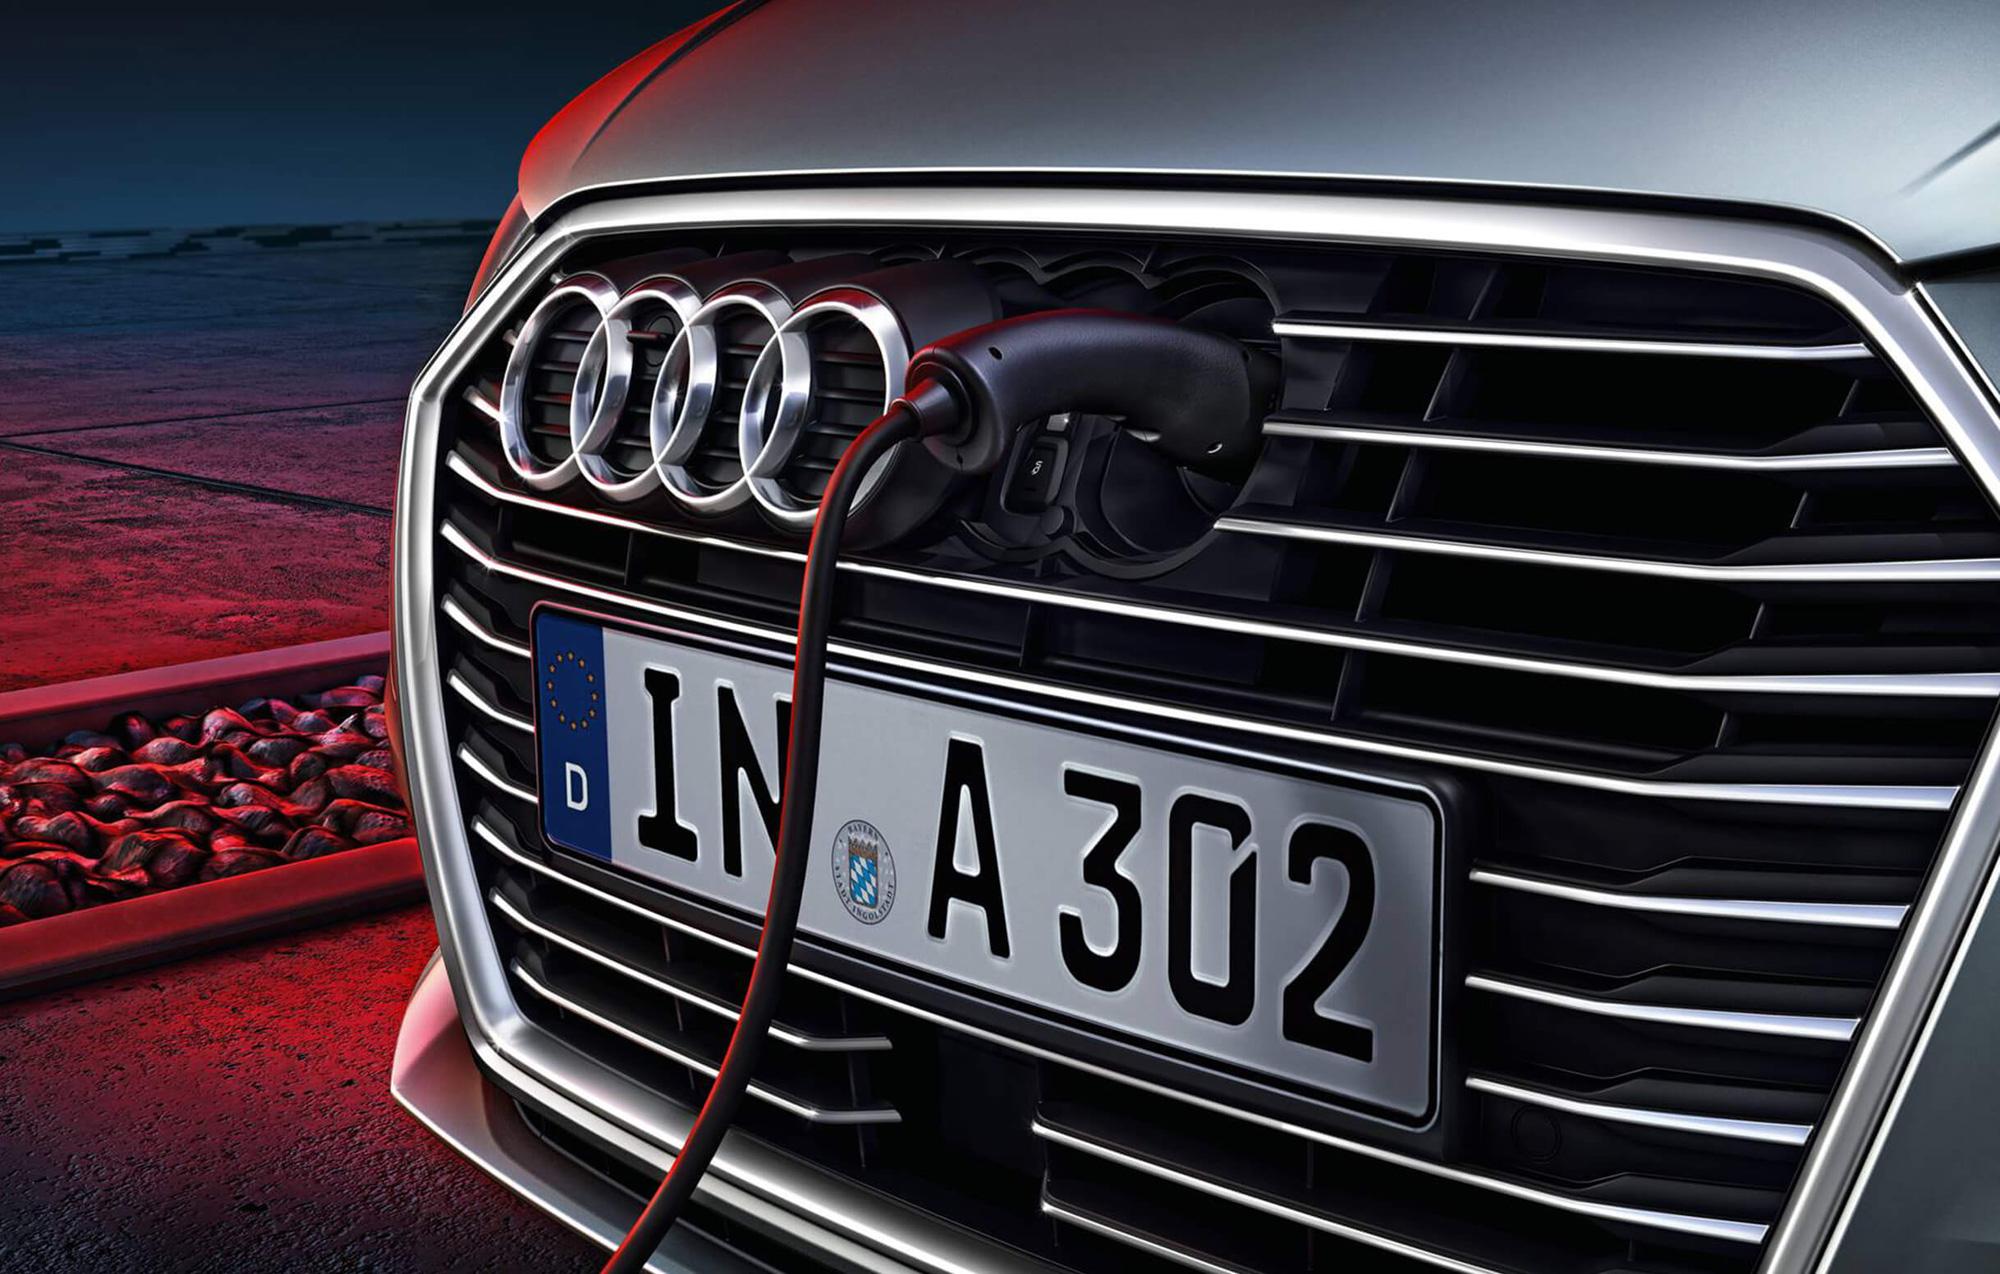 Audi A3 sportback etron grille